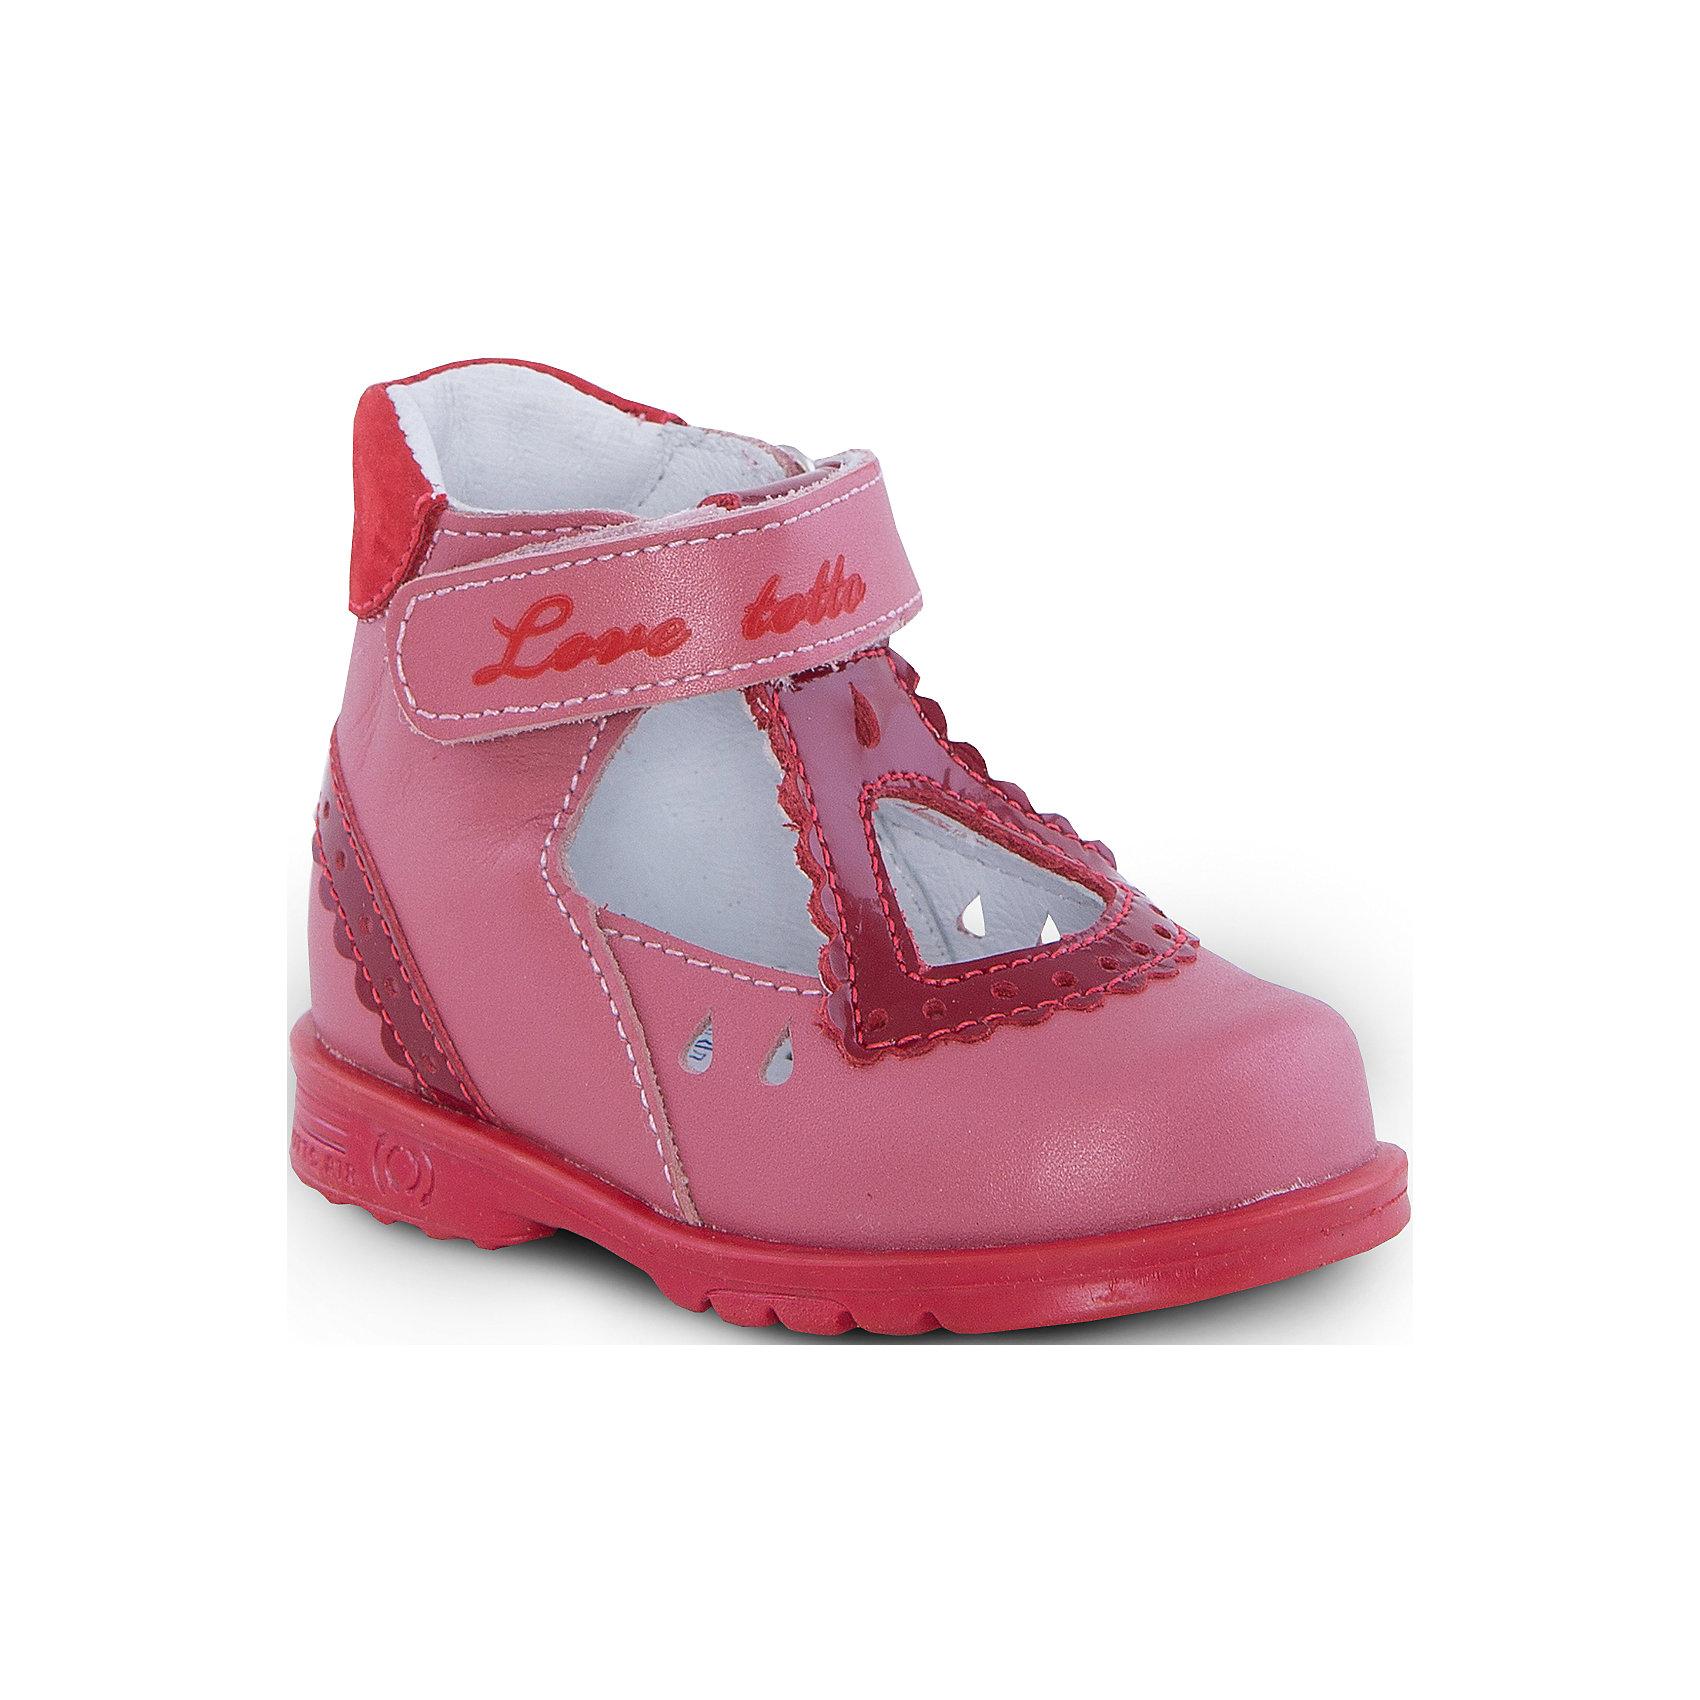 Туфли для девочки ТОТТОТуфли для девочки ТОТТО<br>Красивые и удобные туфли для девочки от Российского производителя ТОТТО. Произведены в соответствии с рекомендациями ортопедов, имеют супинатор, который предотвращает образование плоскостопия, и жесткий задник, продленный до середины стопы. Туфли обеспечивают плотную фиксацию голеностопа и имеют мягкие нейтрализующие швы. Каблук Томаса распределяет нагрузку на стопу и не дает ей заваливаться внутрь. Свободная, широкая передняя часть туфель не ограничивает формирование и рост детской стропы и пальчиков. Упругая подошва позволяет защитить еще не развитые мышцы стоп и связки от растяжения и повреждения. Сочный цвет красного грейпфута туфель отлично сочетается с минималистичной отделкой туфель. Застежка на липучке позволяет легко застегивать обувь на ножке ребенка. Идеальные туфельки как для праздника,так и на каждый день!<br>Дополнительная информация:<br>- Тип застежки: липучка<br>Состав:<br>- Натуральная кожа<br>Туфли для девочки ТОТТО можно купить в нашем магазине.<br>Подробнее:<br>Для детей в возрасте: от 6-12 мес.<br>Номер товара: 4794581<br>Страна производитель: Российская Федерация<br><br>Ширина мм: 227<br>Глубина мм: 145<br>Высота мм: 124<br>Вес г: 325<br>Цвет: красный<br>Возраст от месяцев: 12<br>Возраст до месяцев: 15<br>Пол: Женский<br>Возраст: Детский<br>Размер: 21,26,19,20,22,23,24,25<br>SKU: 4794580